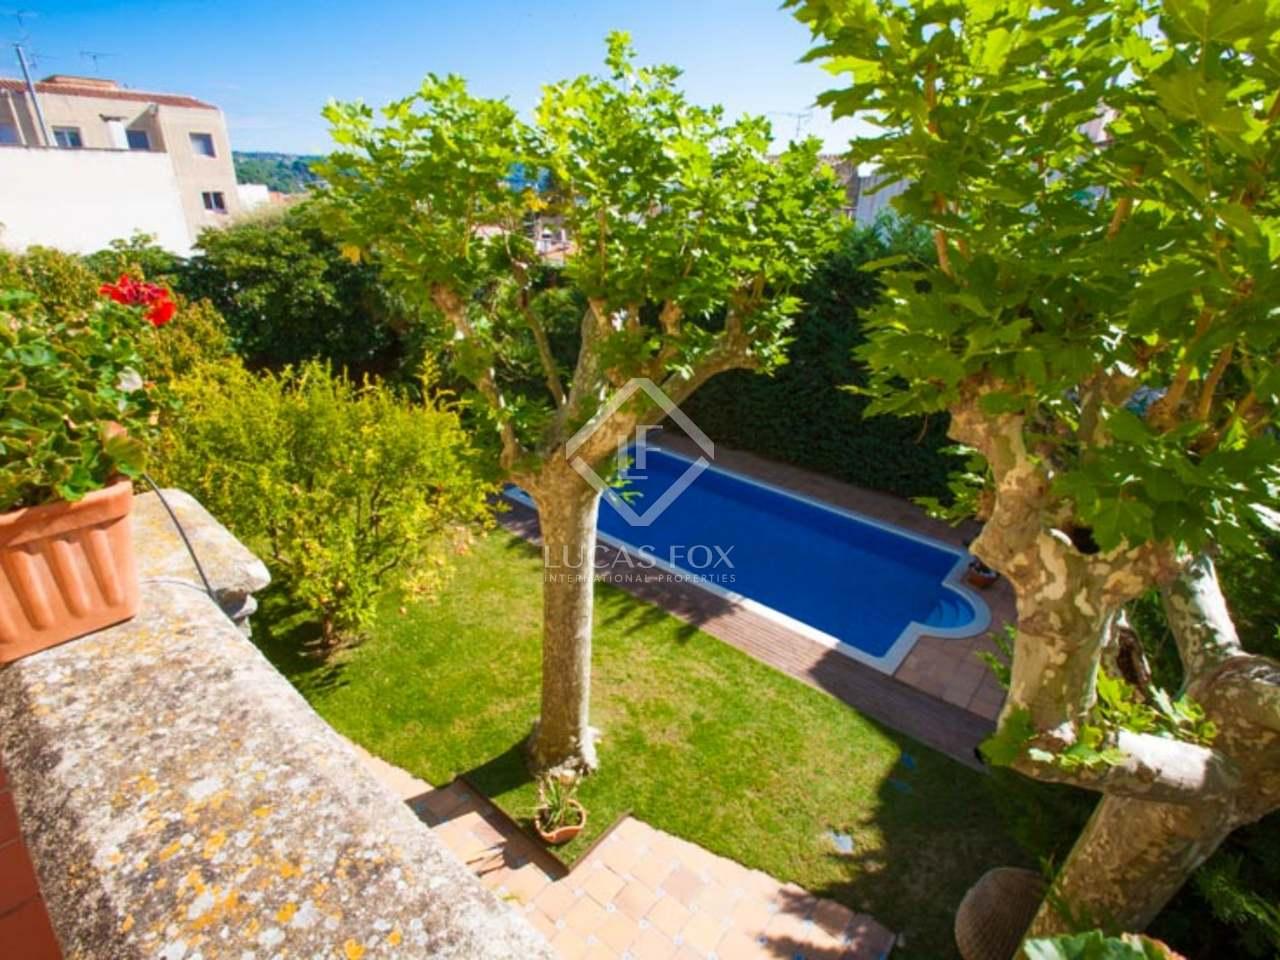 Casa de 5 dormitorios en alquiler con un jard n y piscina for Alquiler casa jardin barcelona